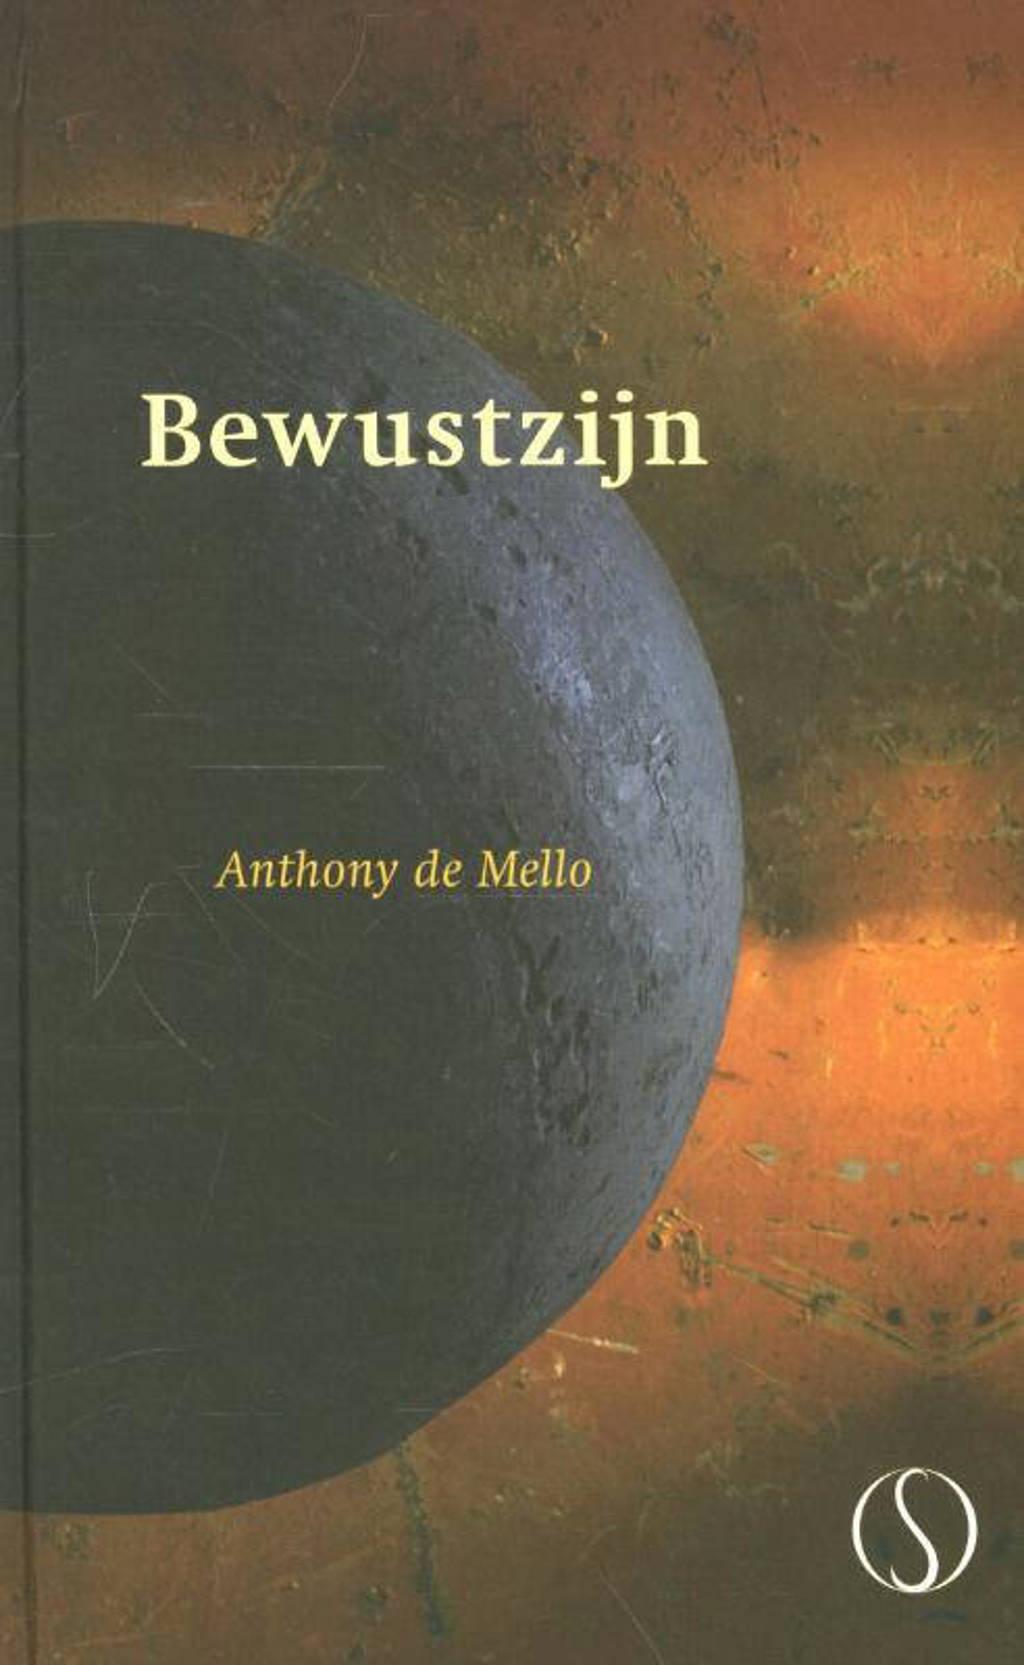 Bewustzijn - Anthony de Mello